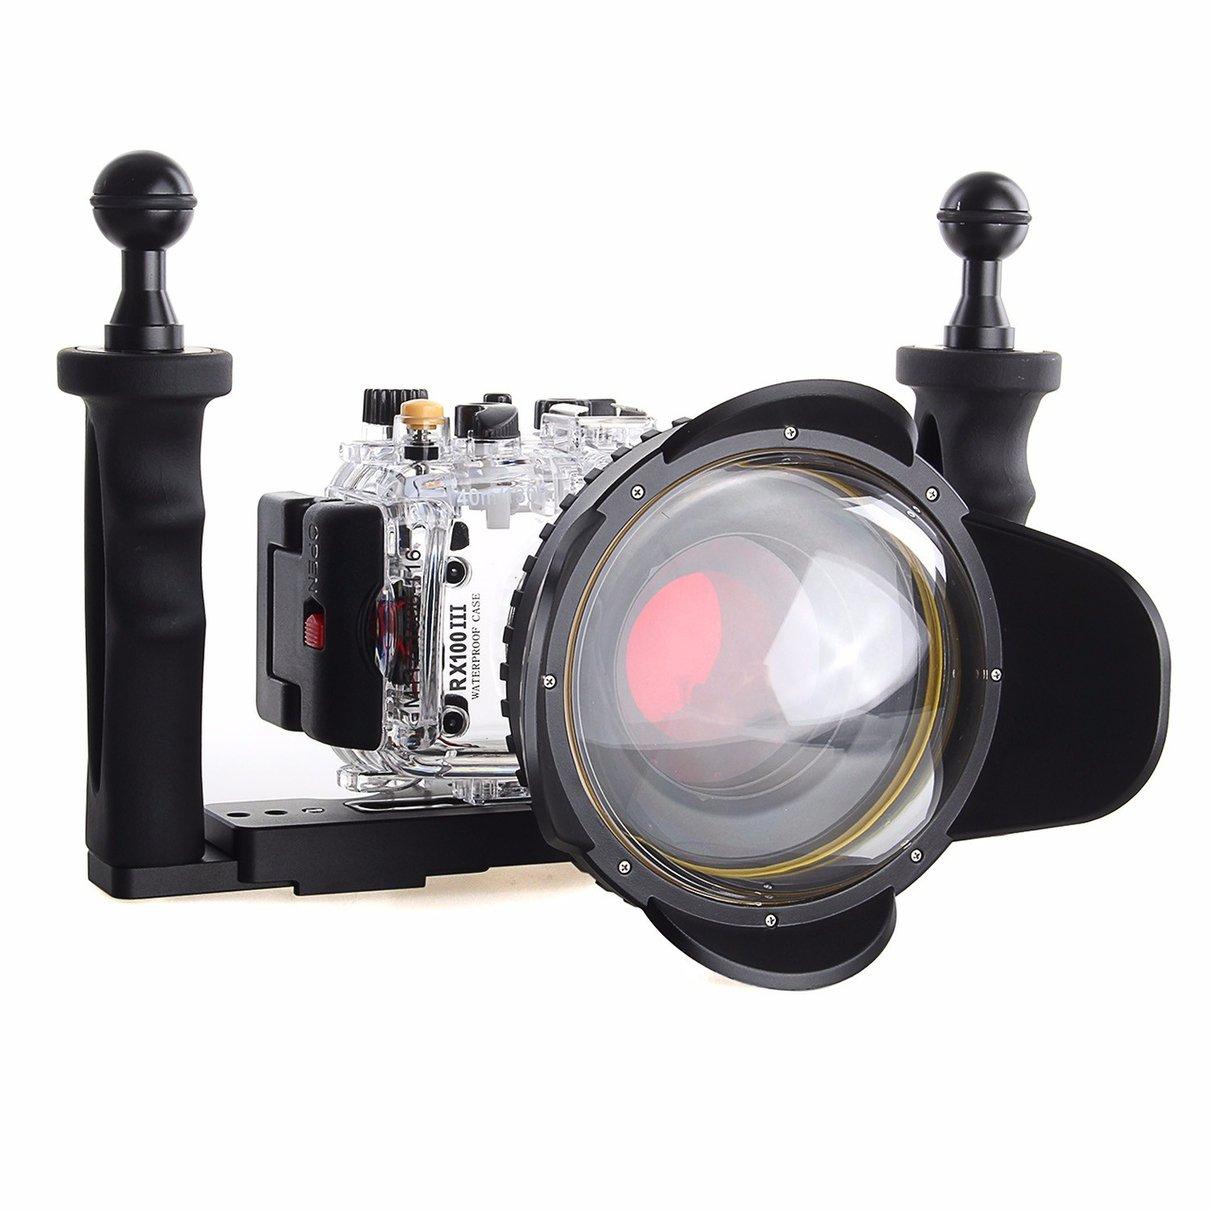 40 м/130f Водонепроницаемый подводный Корпус чехол для sony RX100 III + 67 мм красный фильтр + 67 мм рыбий глаз + две руки алюминиевый лоток